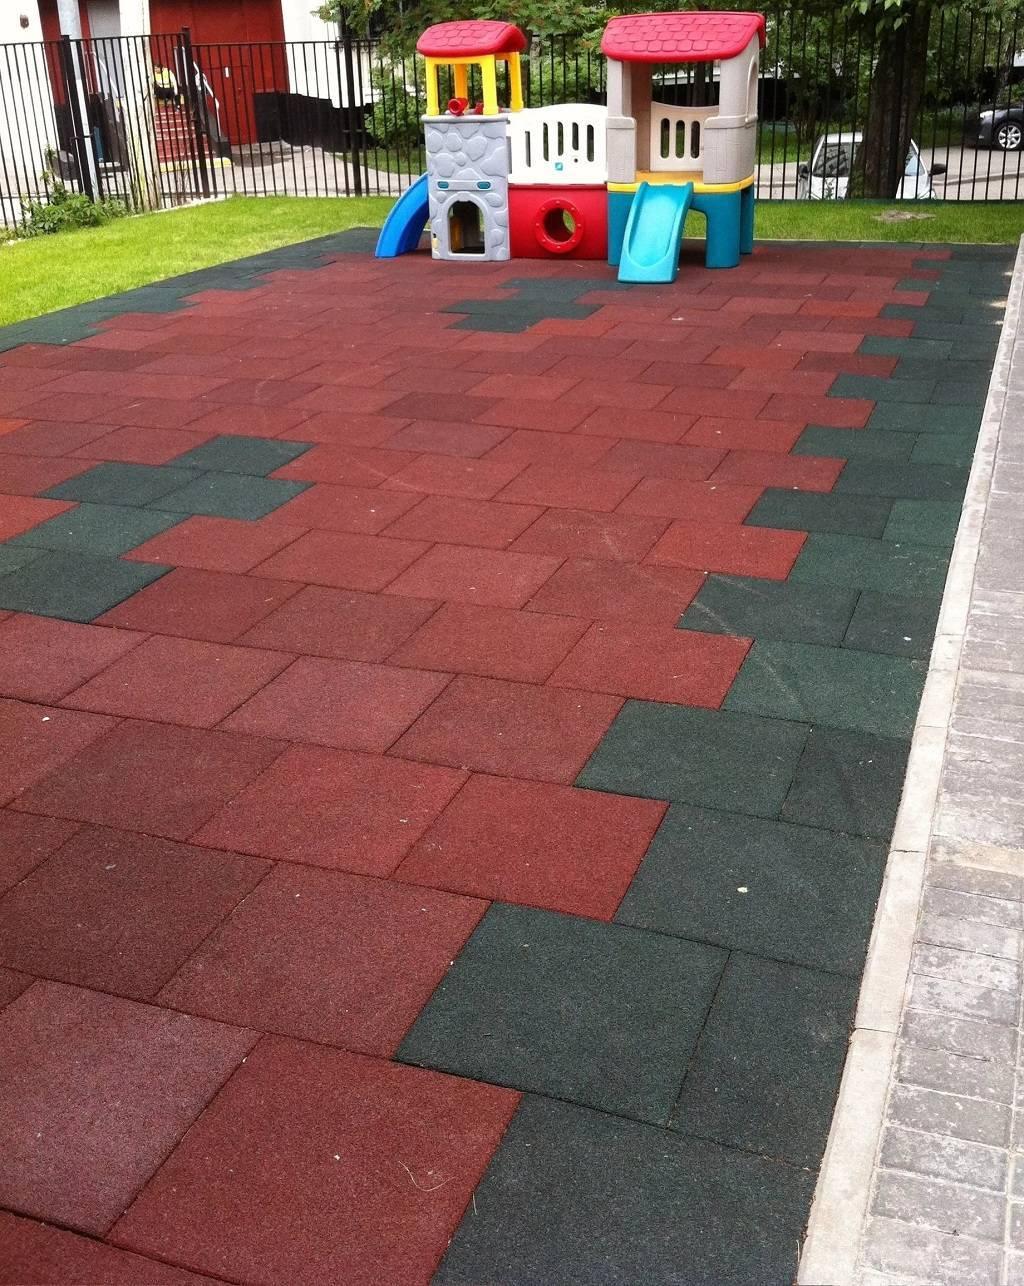 Резиновое покрытие для детских площадок: бесшовное, плиты, руллоное